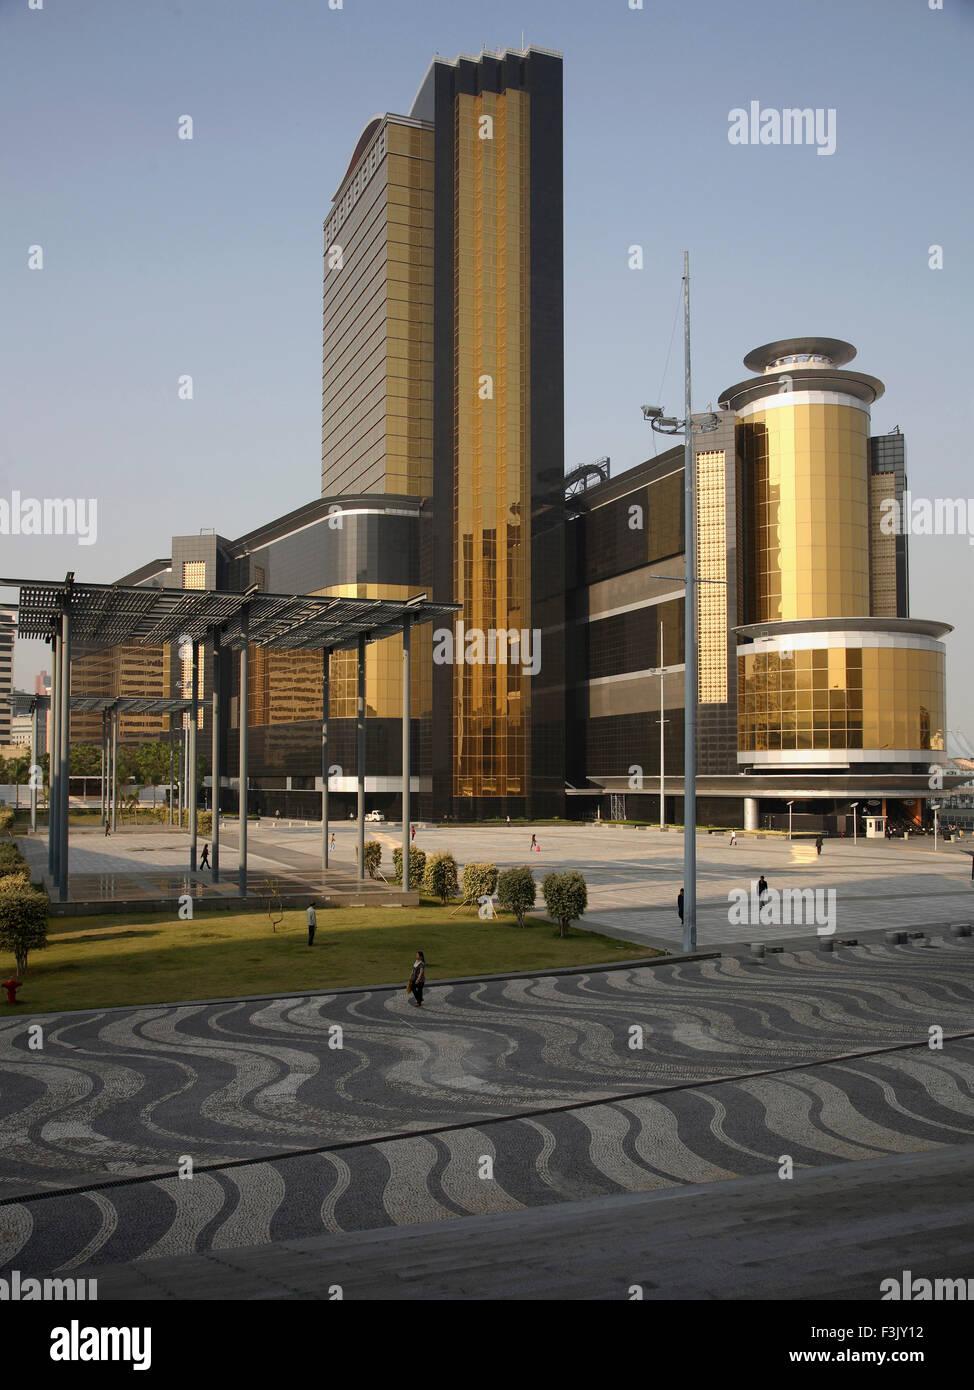 Sands casino stock casino las news vegas